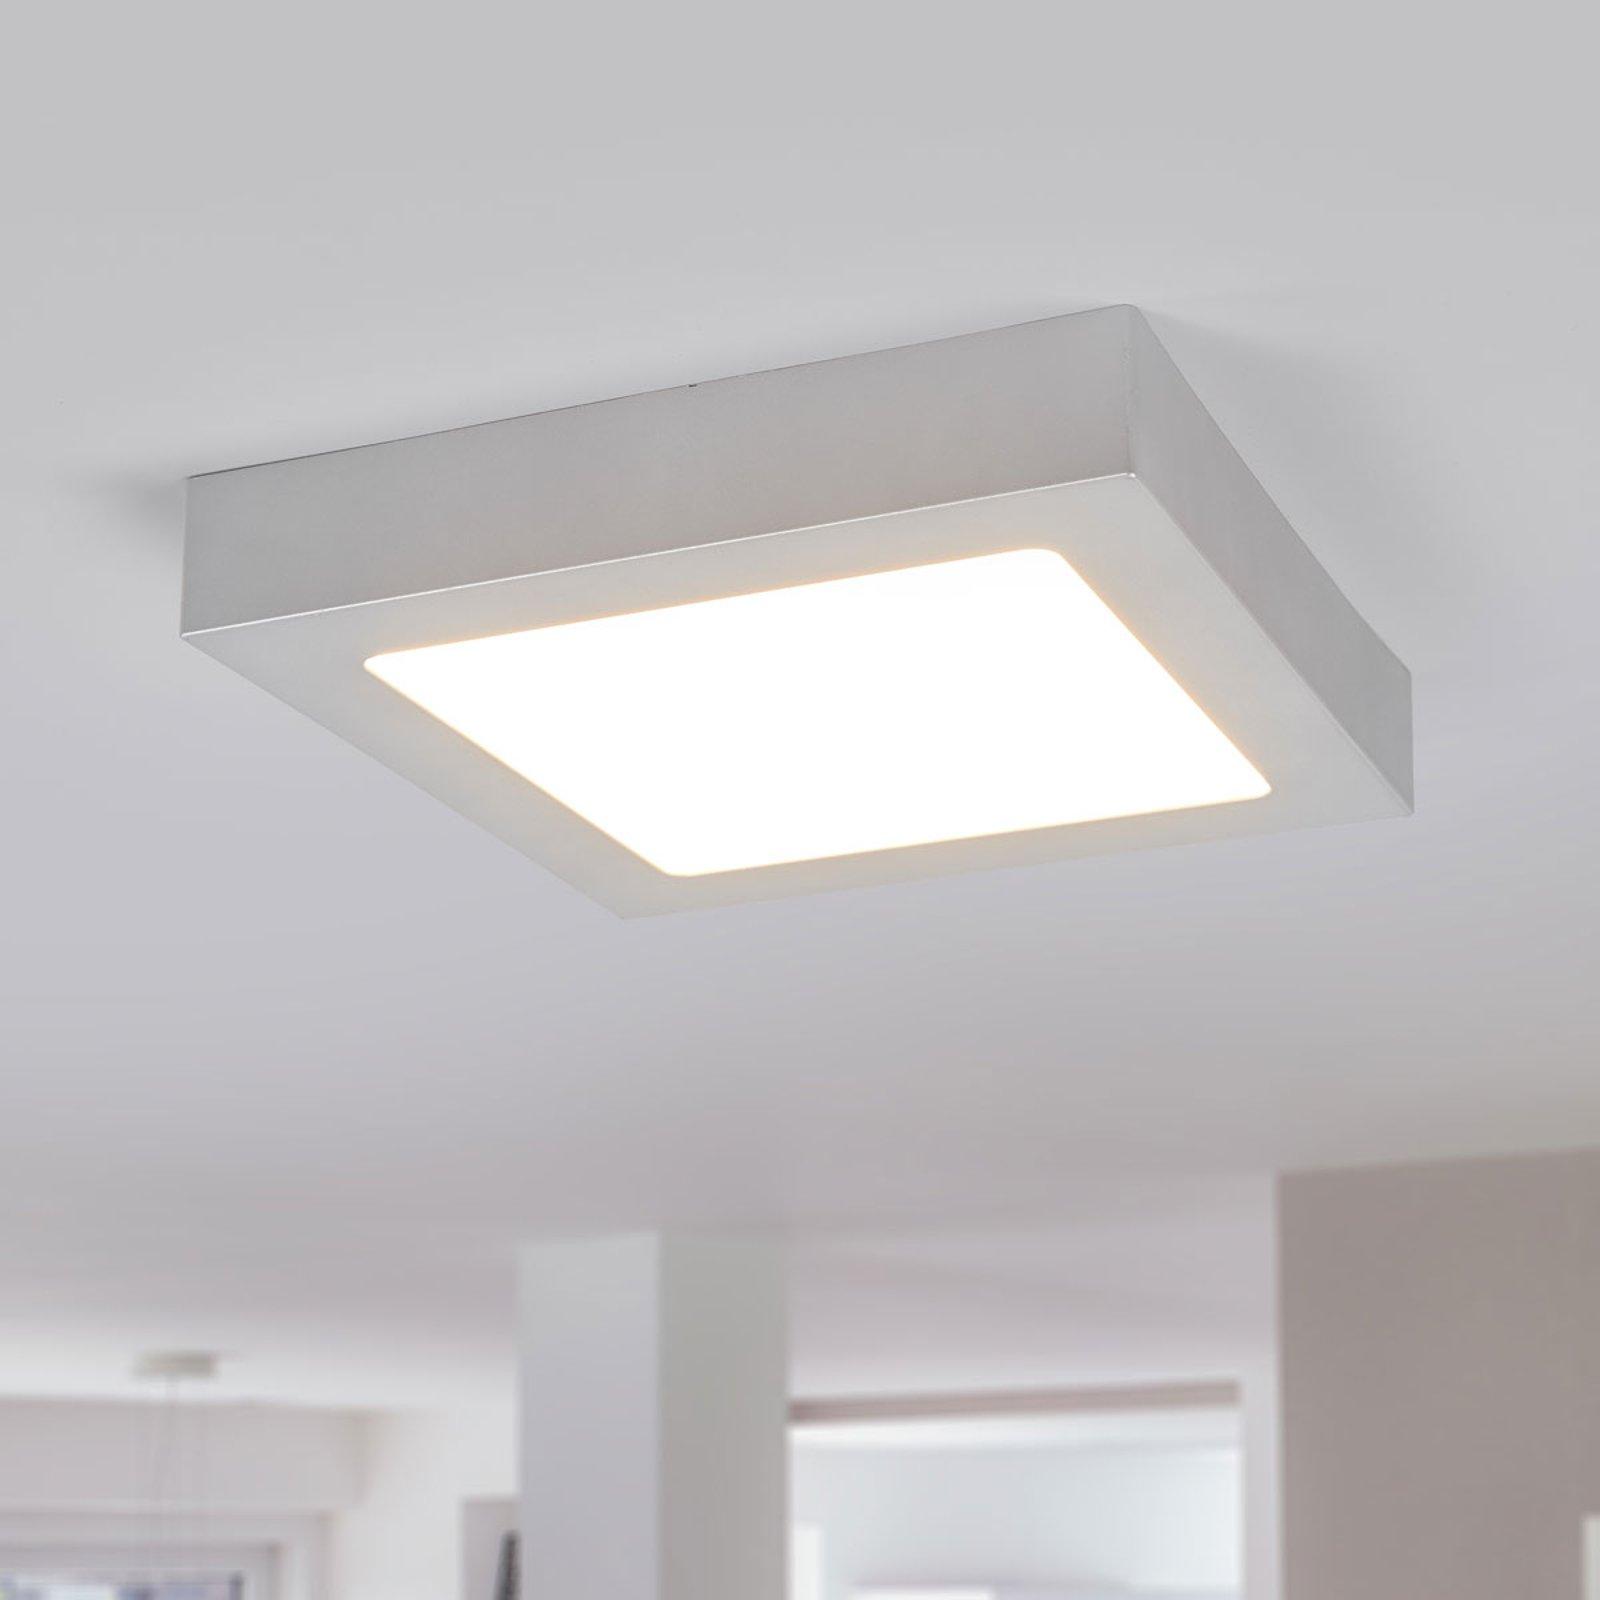 LED-taklampe Marlo sølv 3 000K kantet 23,1cm